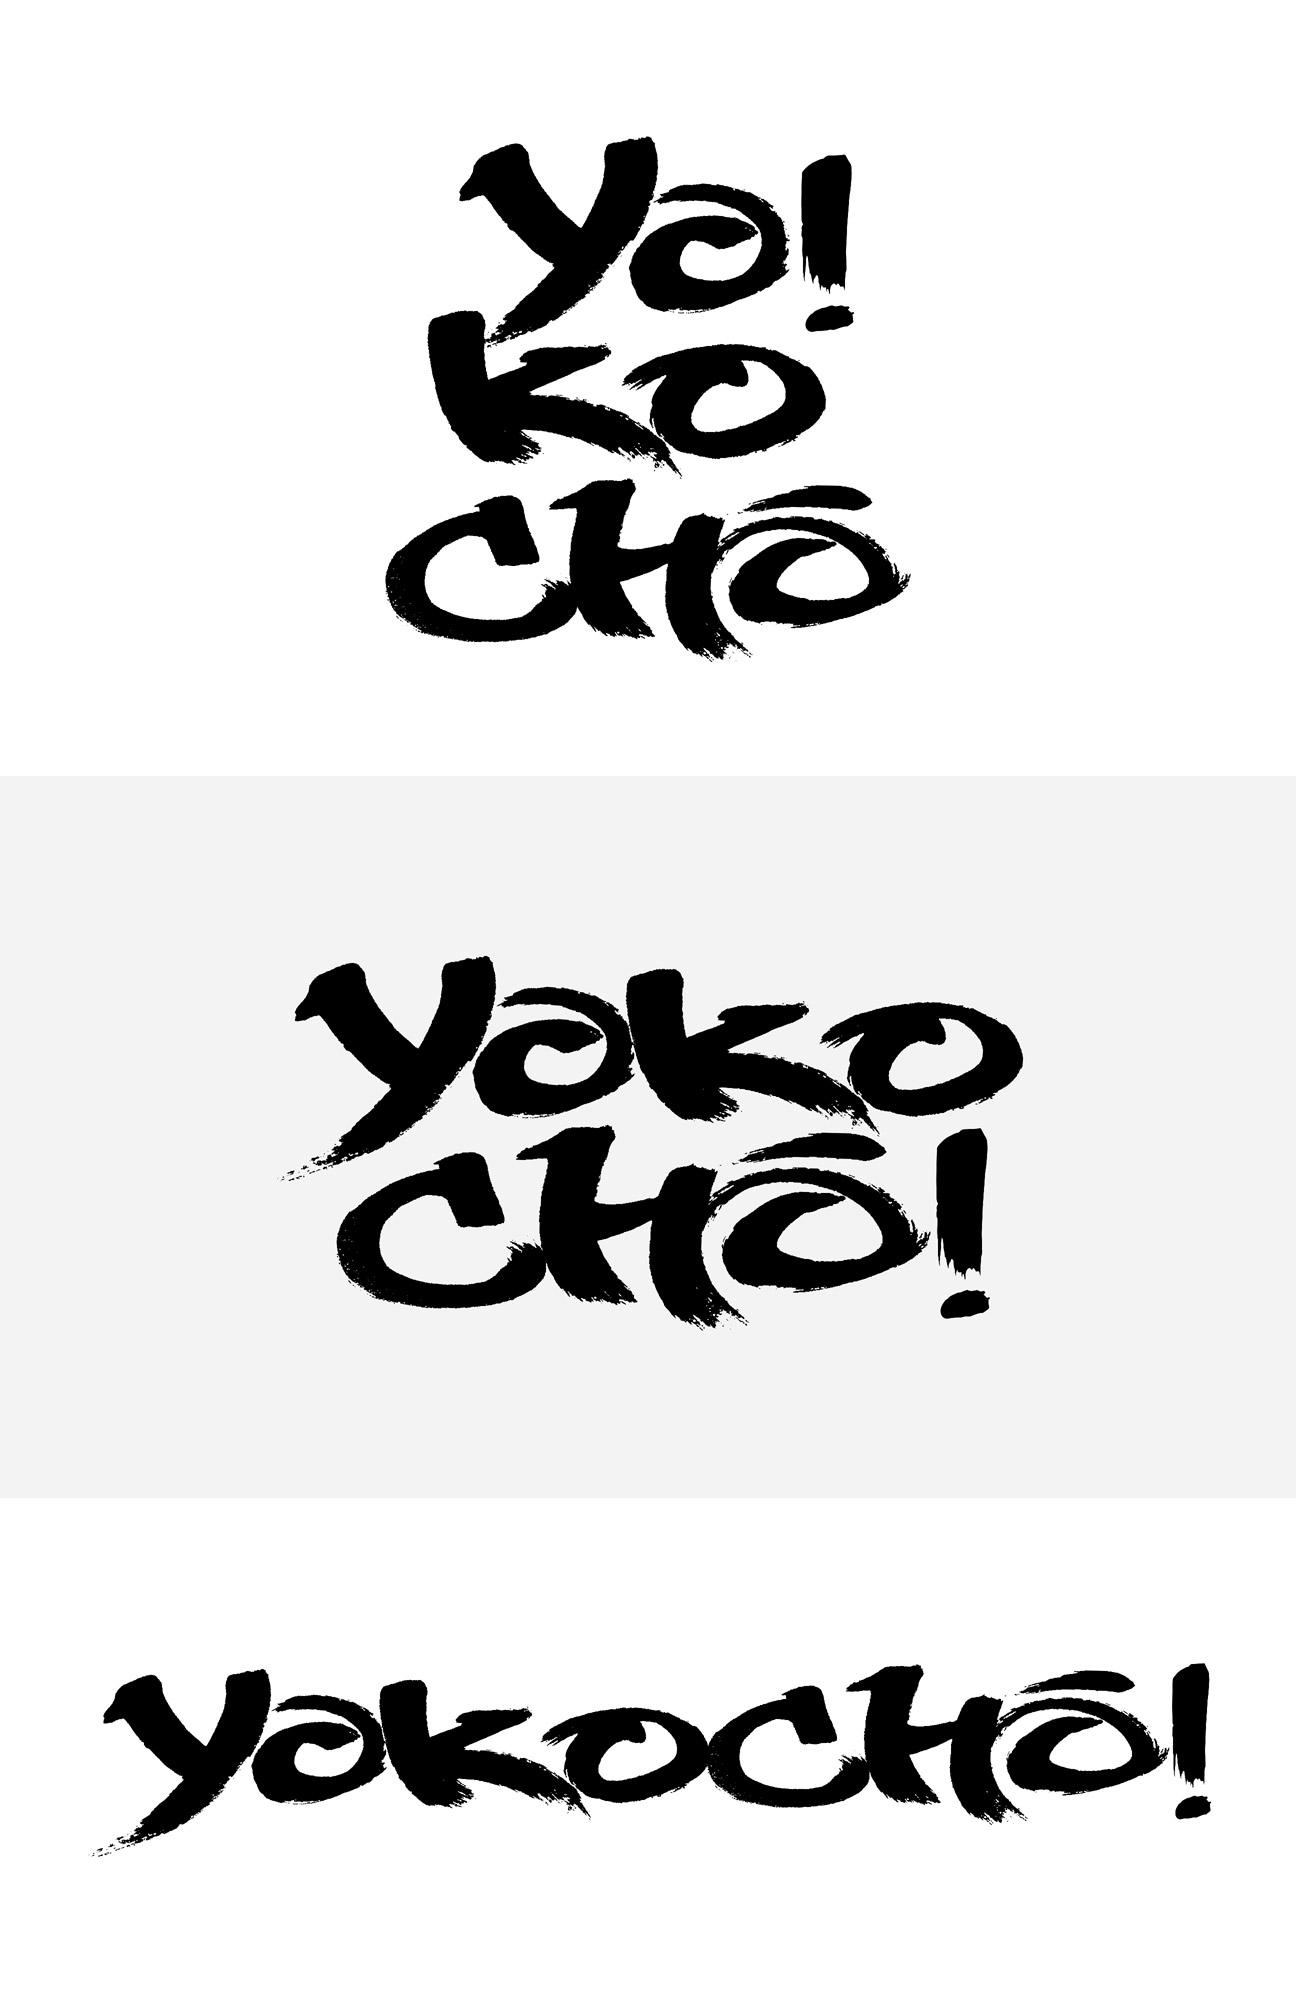 yokocho_logo_calligraphy_stack